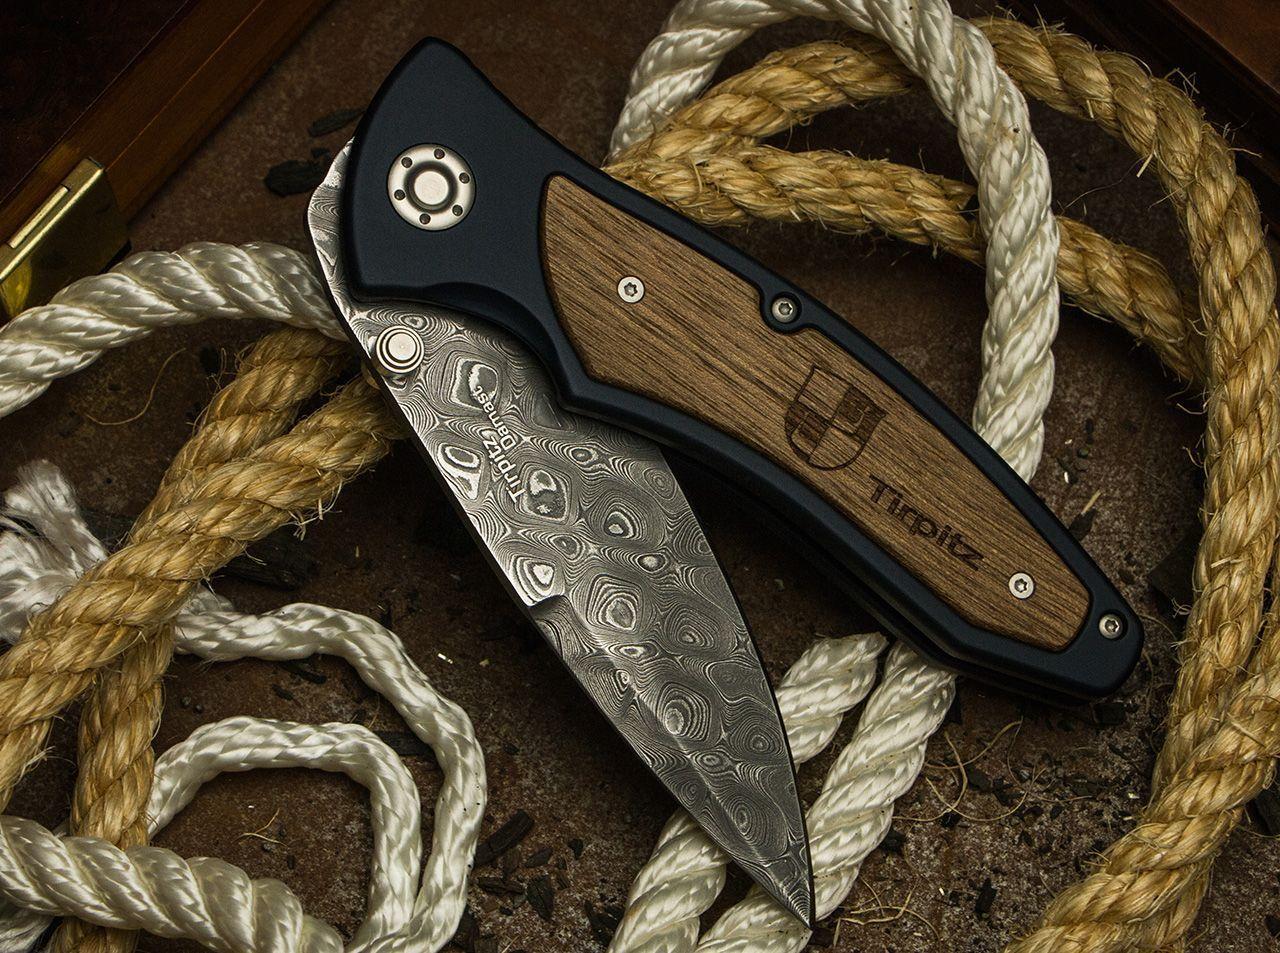 Фото 10 - Складной нож Tirpitz-Damascus Boker 110190DAM, дамасская сталь, рукоять алюминий/ореховое дерево